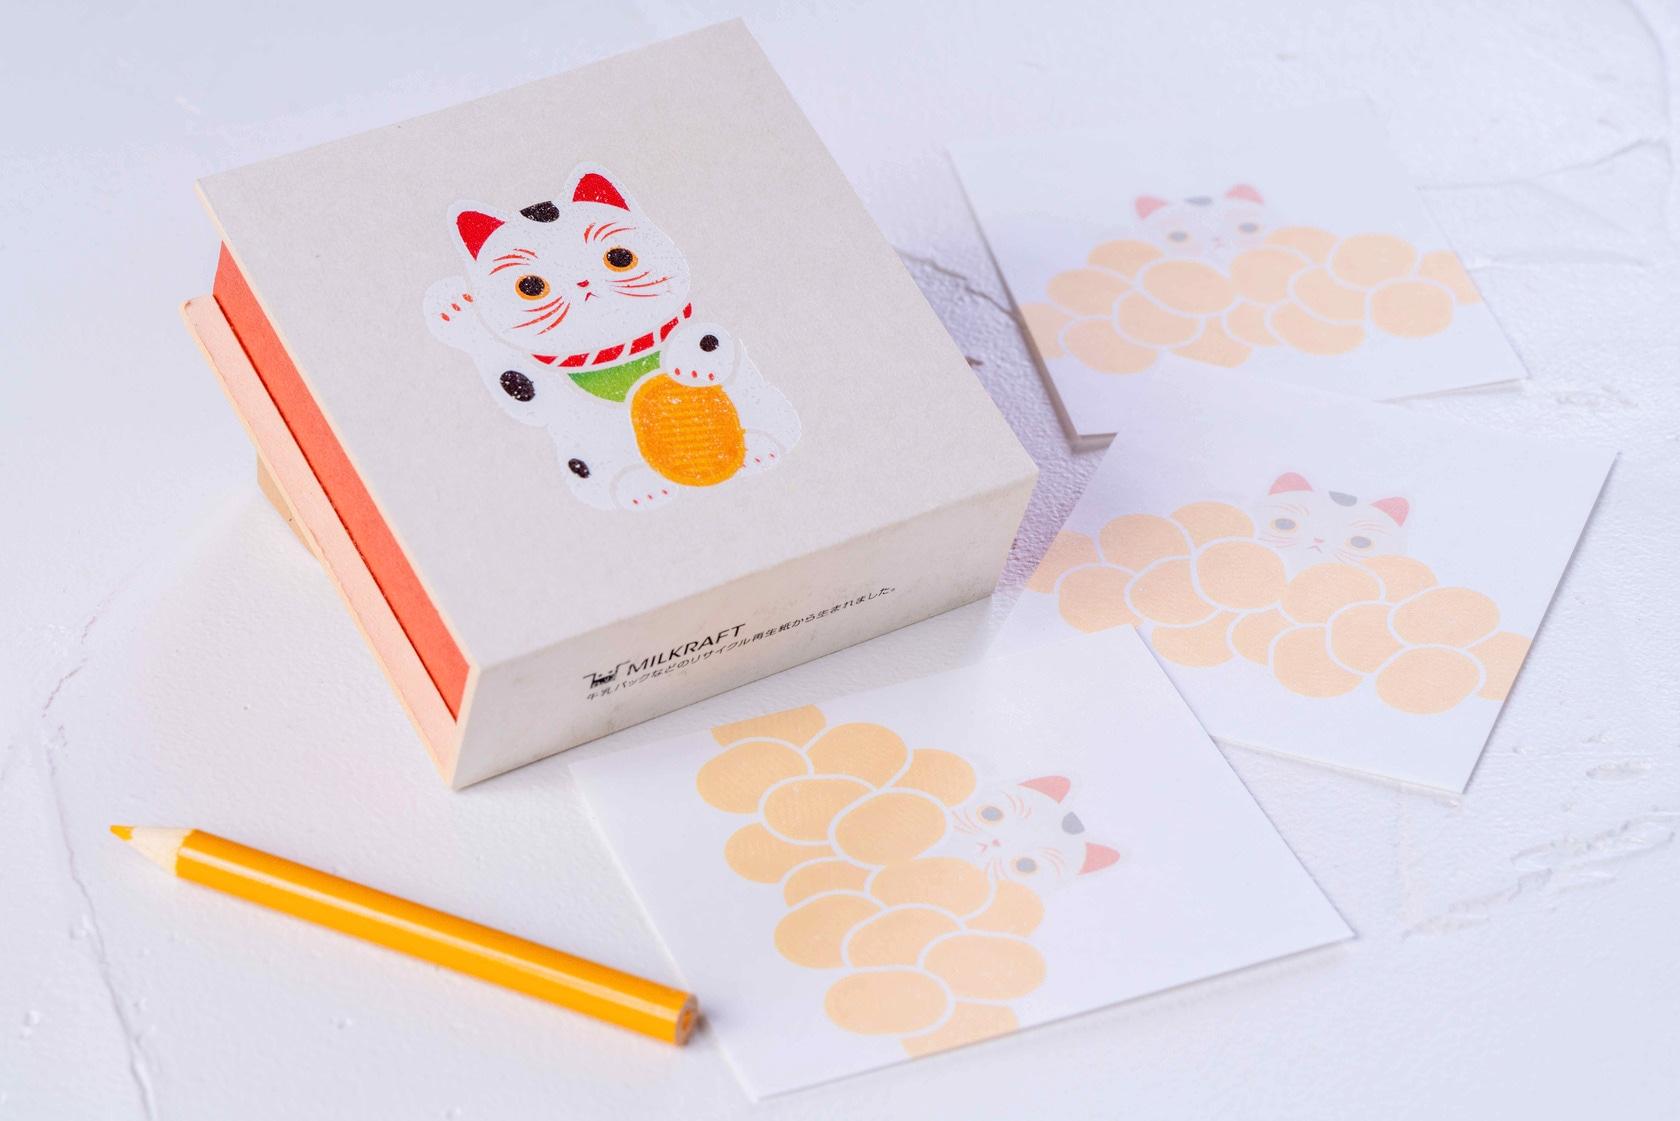 招き猫がデザインされた紙箱とメモ用紙と色鉛筆